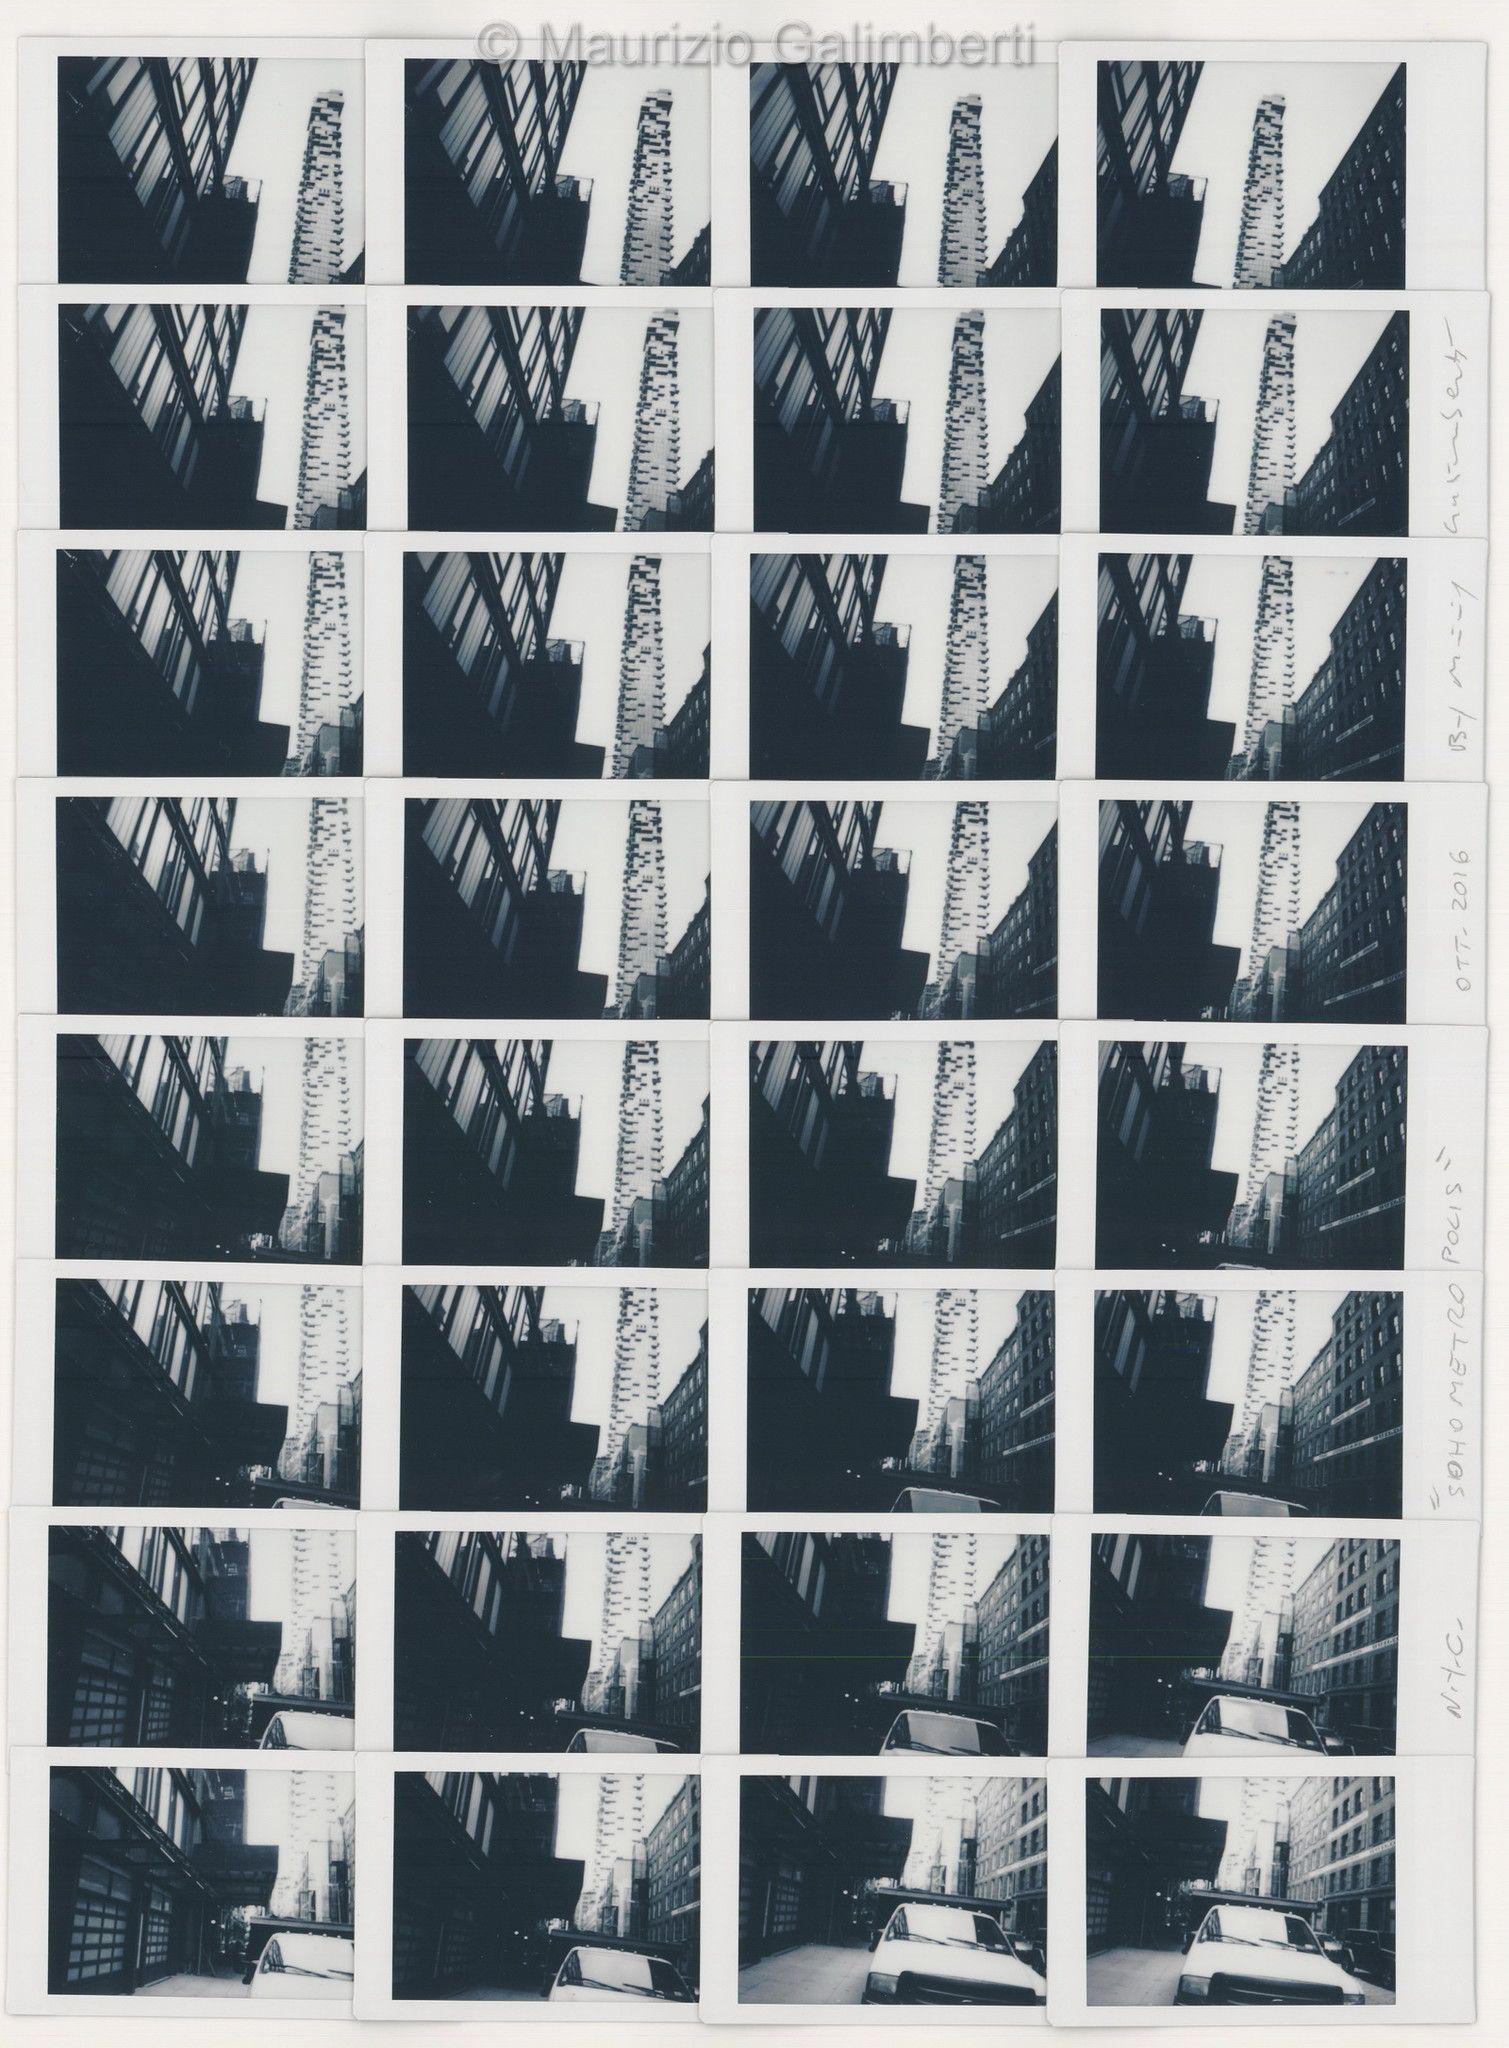 VINTAGE POLAROID MAURIZIO GALIMBERTI 'N.C.Y. SOHO METROPOLIS' dimensioni cm. 53x63